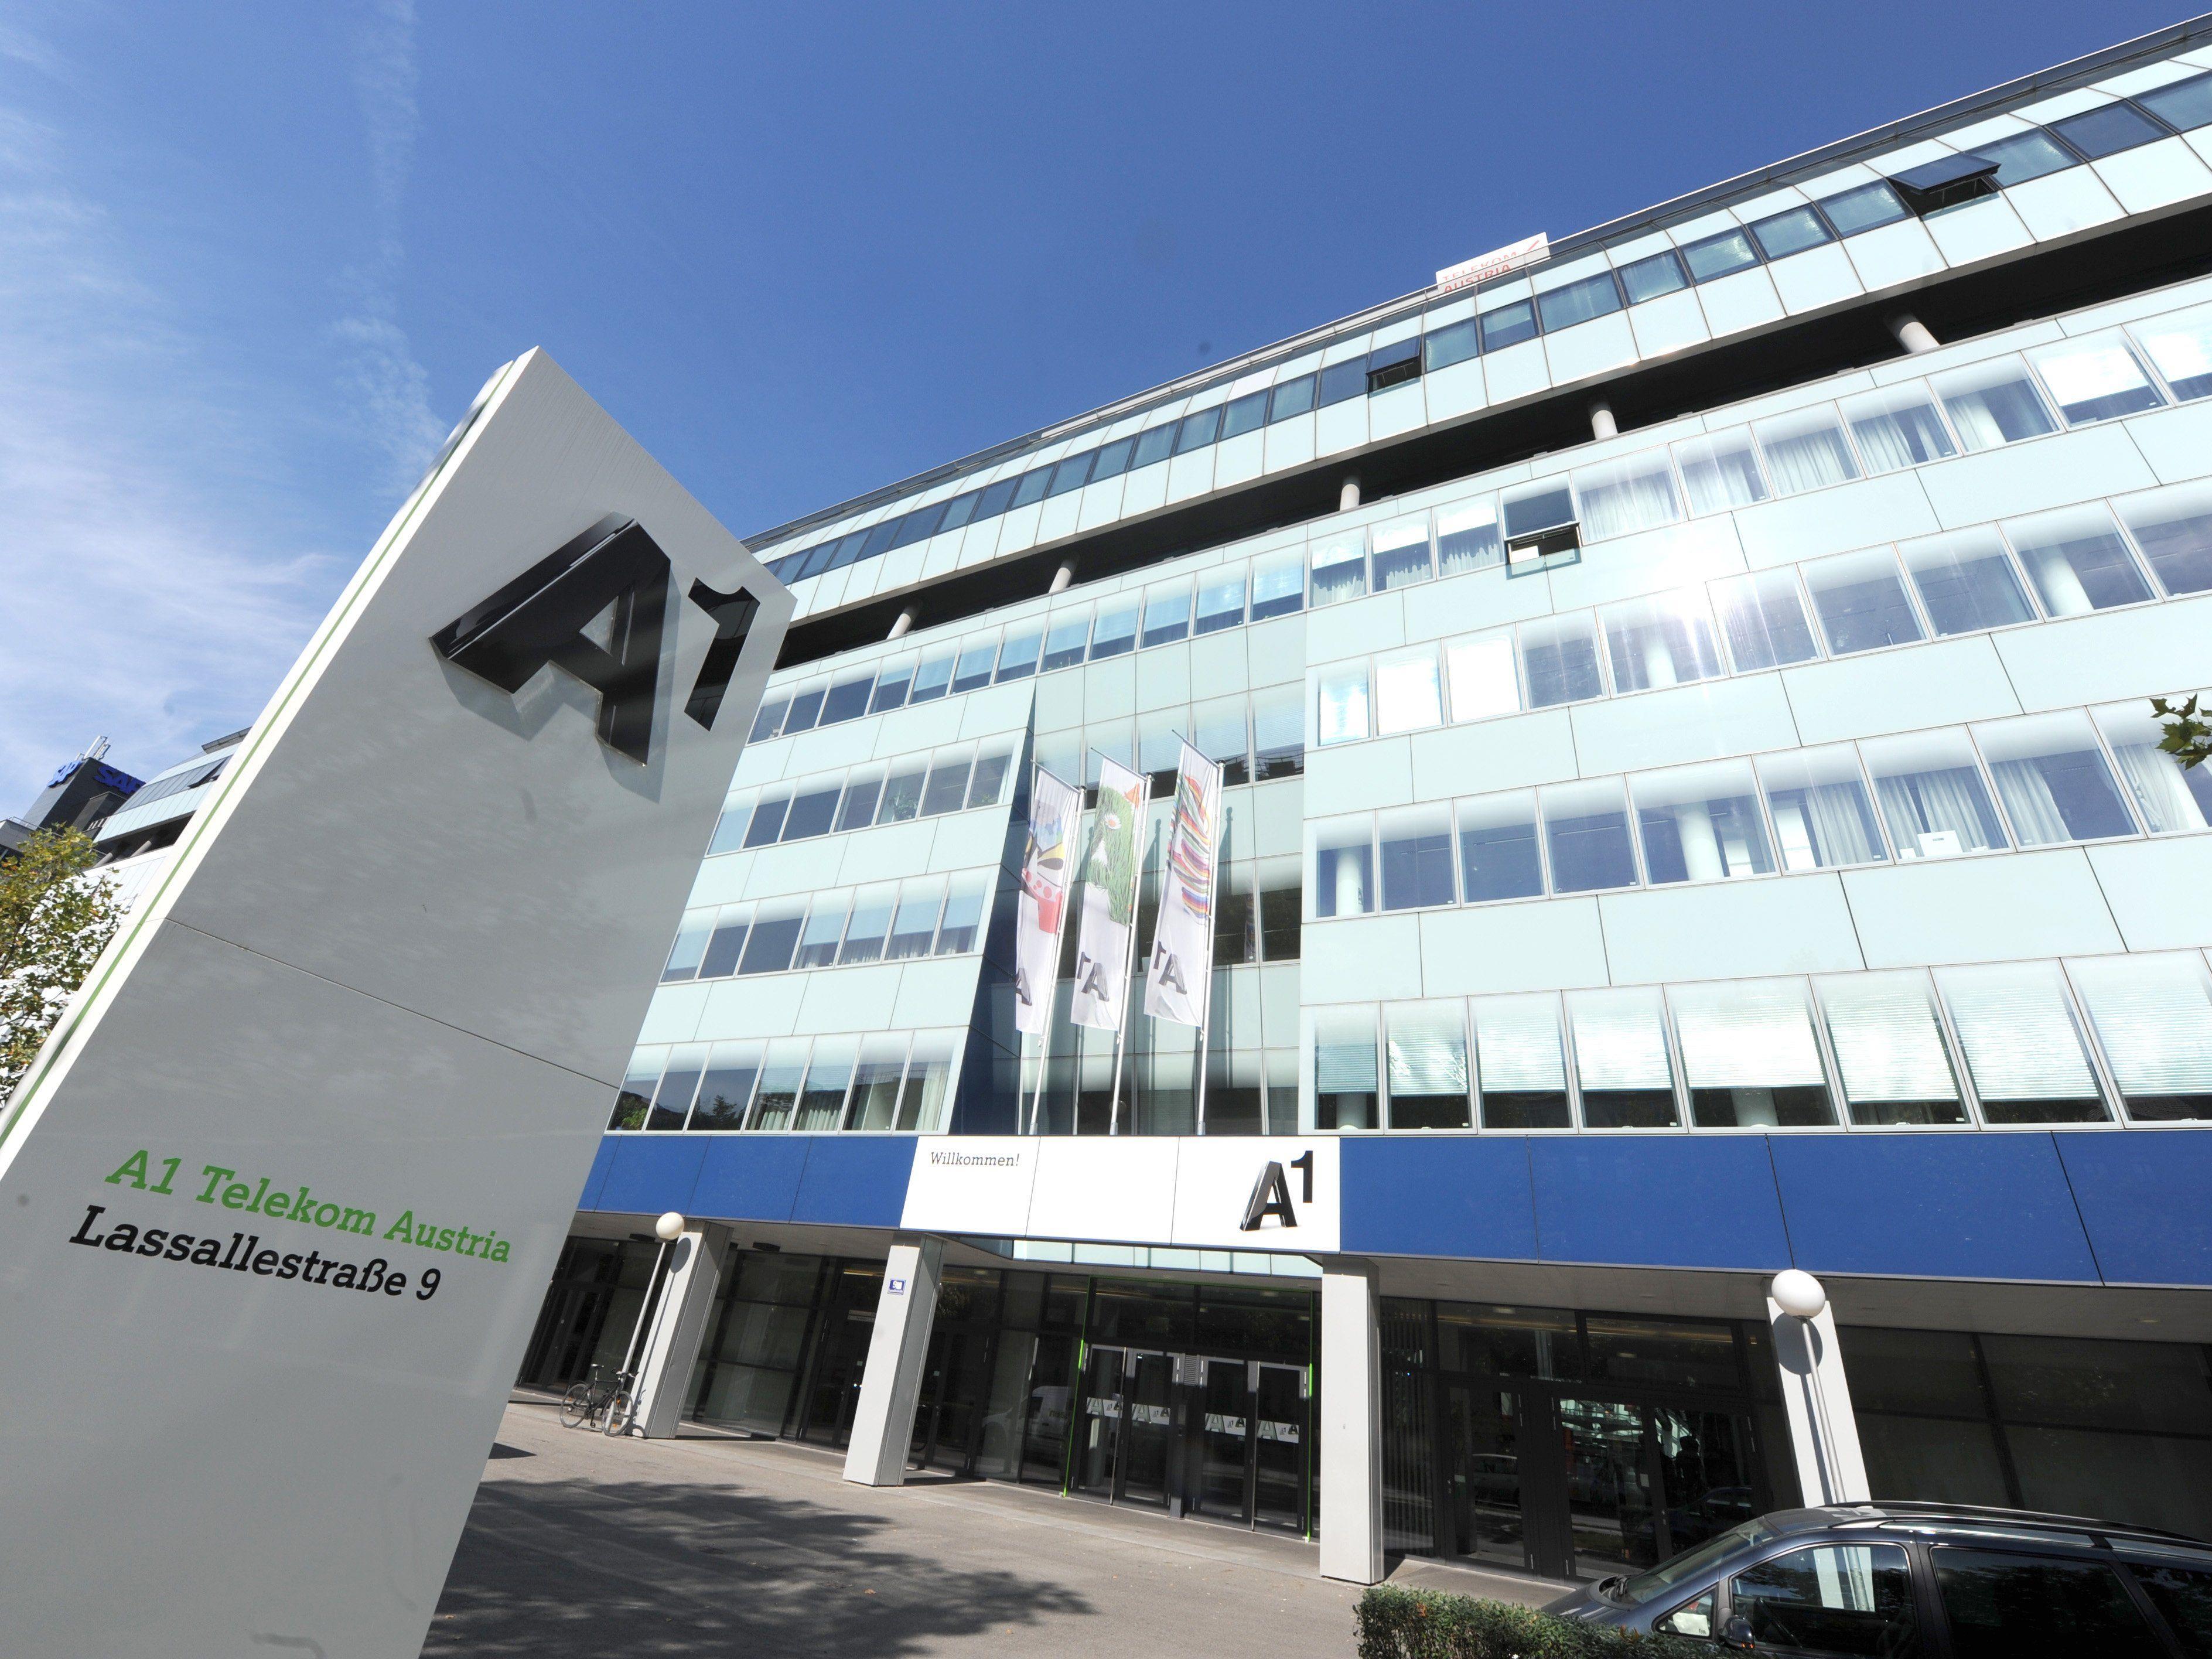 A1 Telekom Austria erhöht ab 3. März die bob-Tarife für bestehende Kunden.